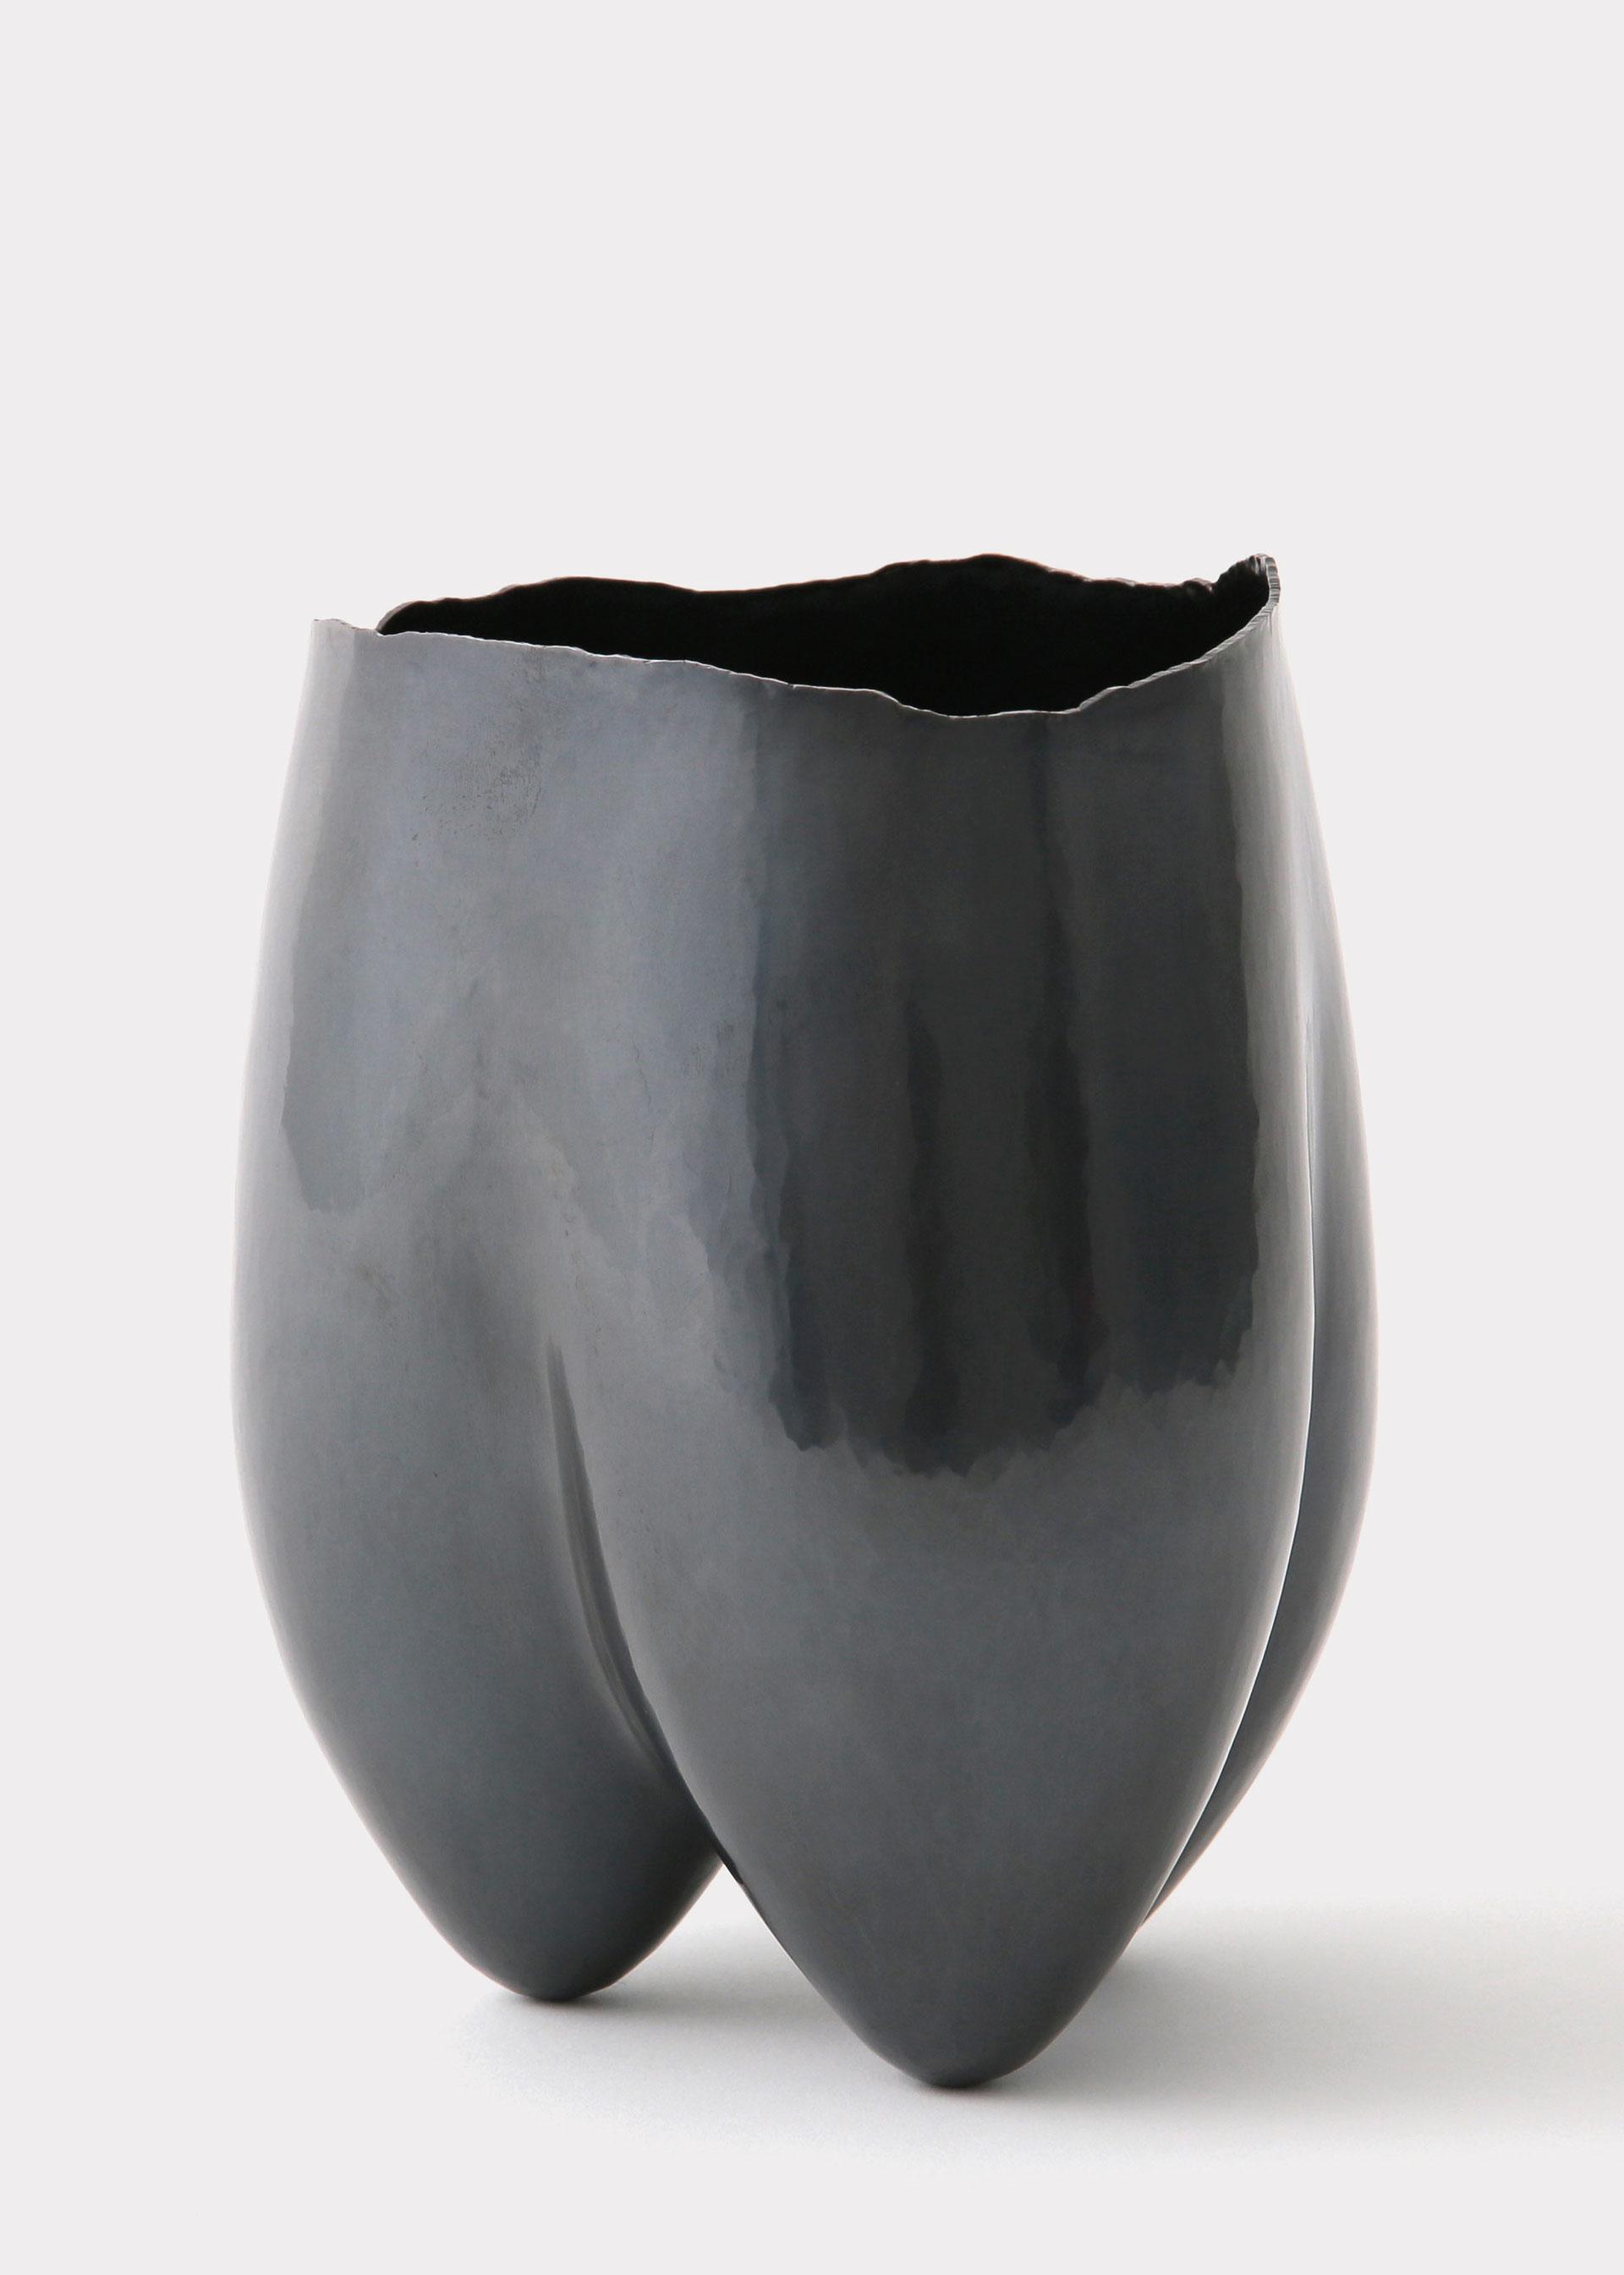 Koichi Io, Three Legs, Vase, Kuromido, Schmiedekunst